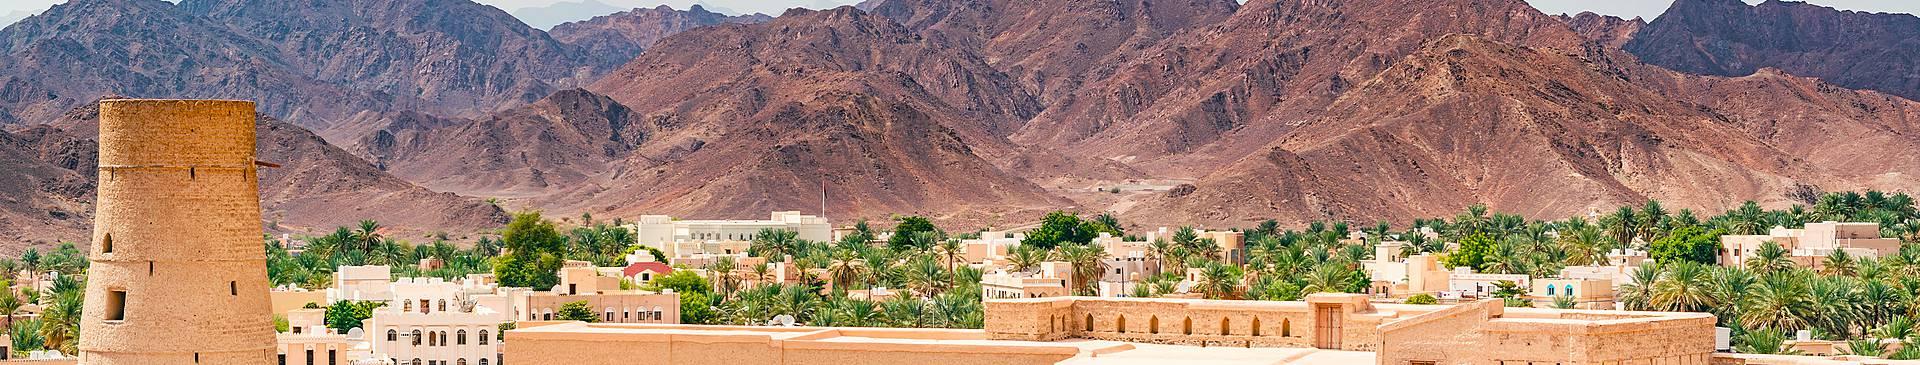 Bergurlaub Oman